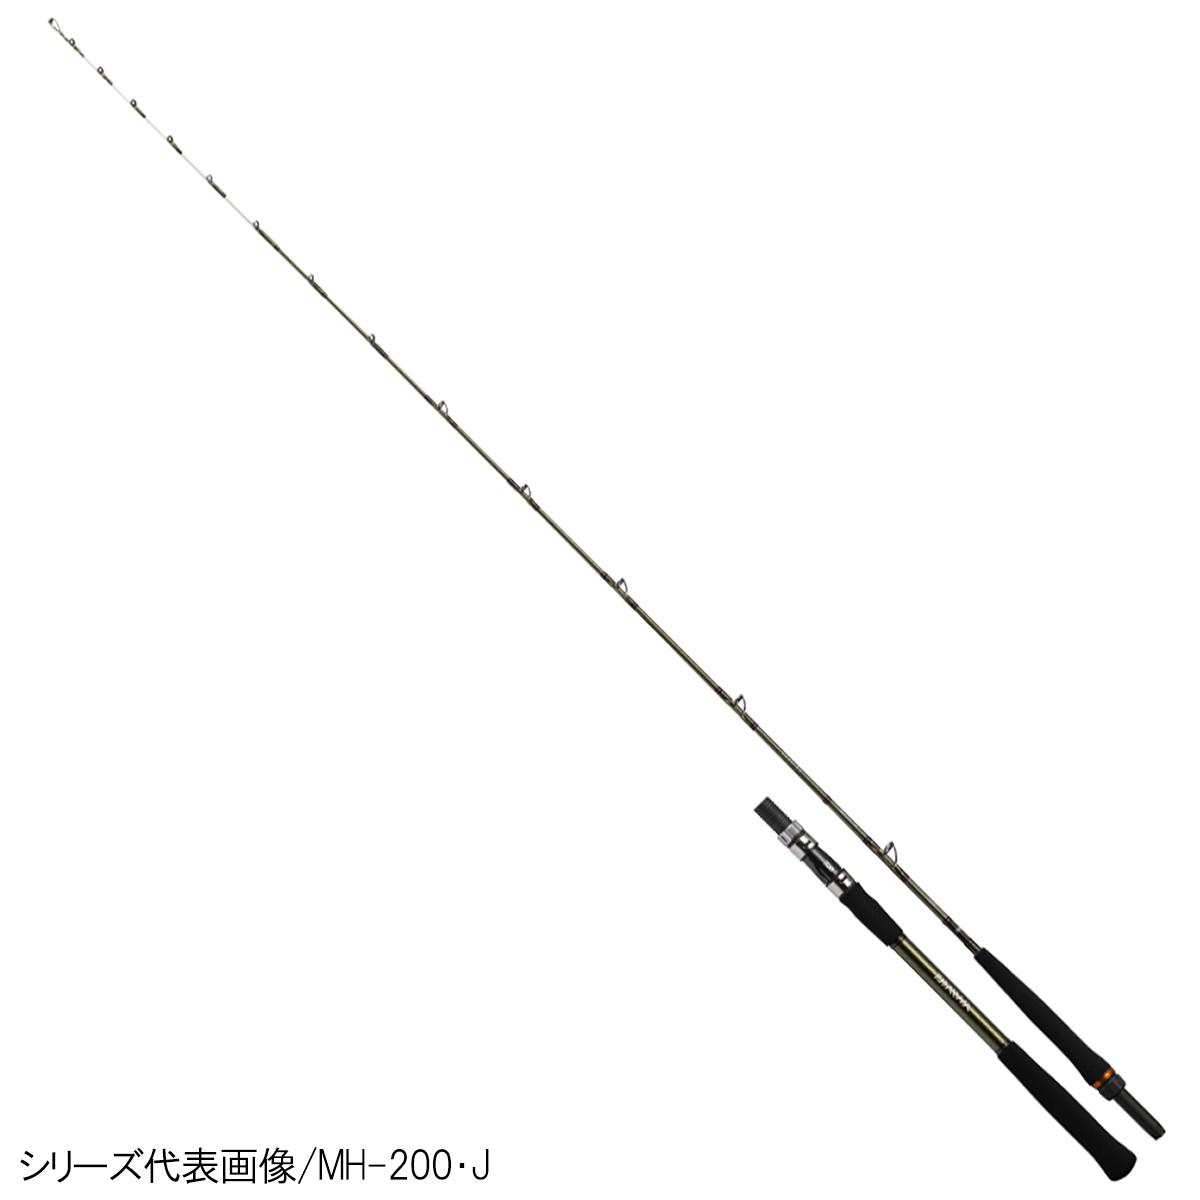 ダイワ リーディング ネライ H-200・J【大型商品】